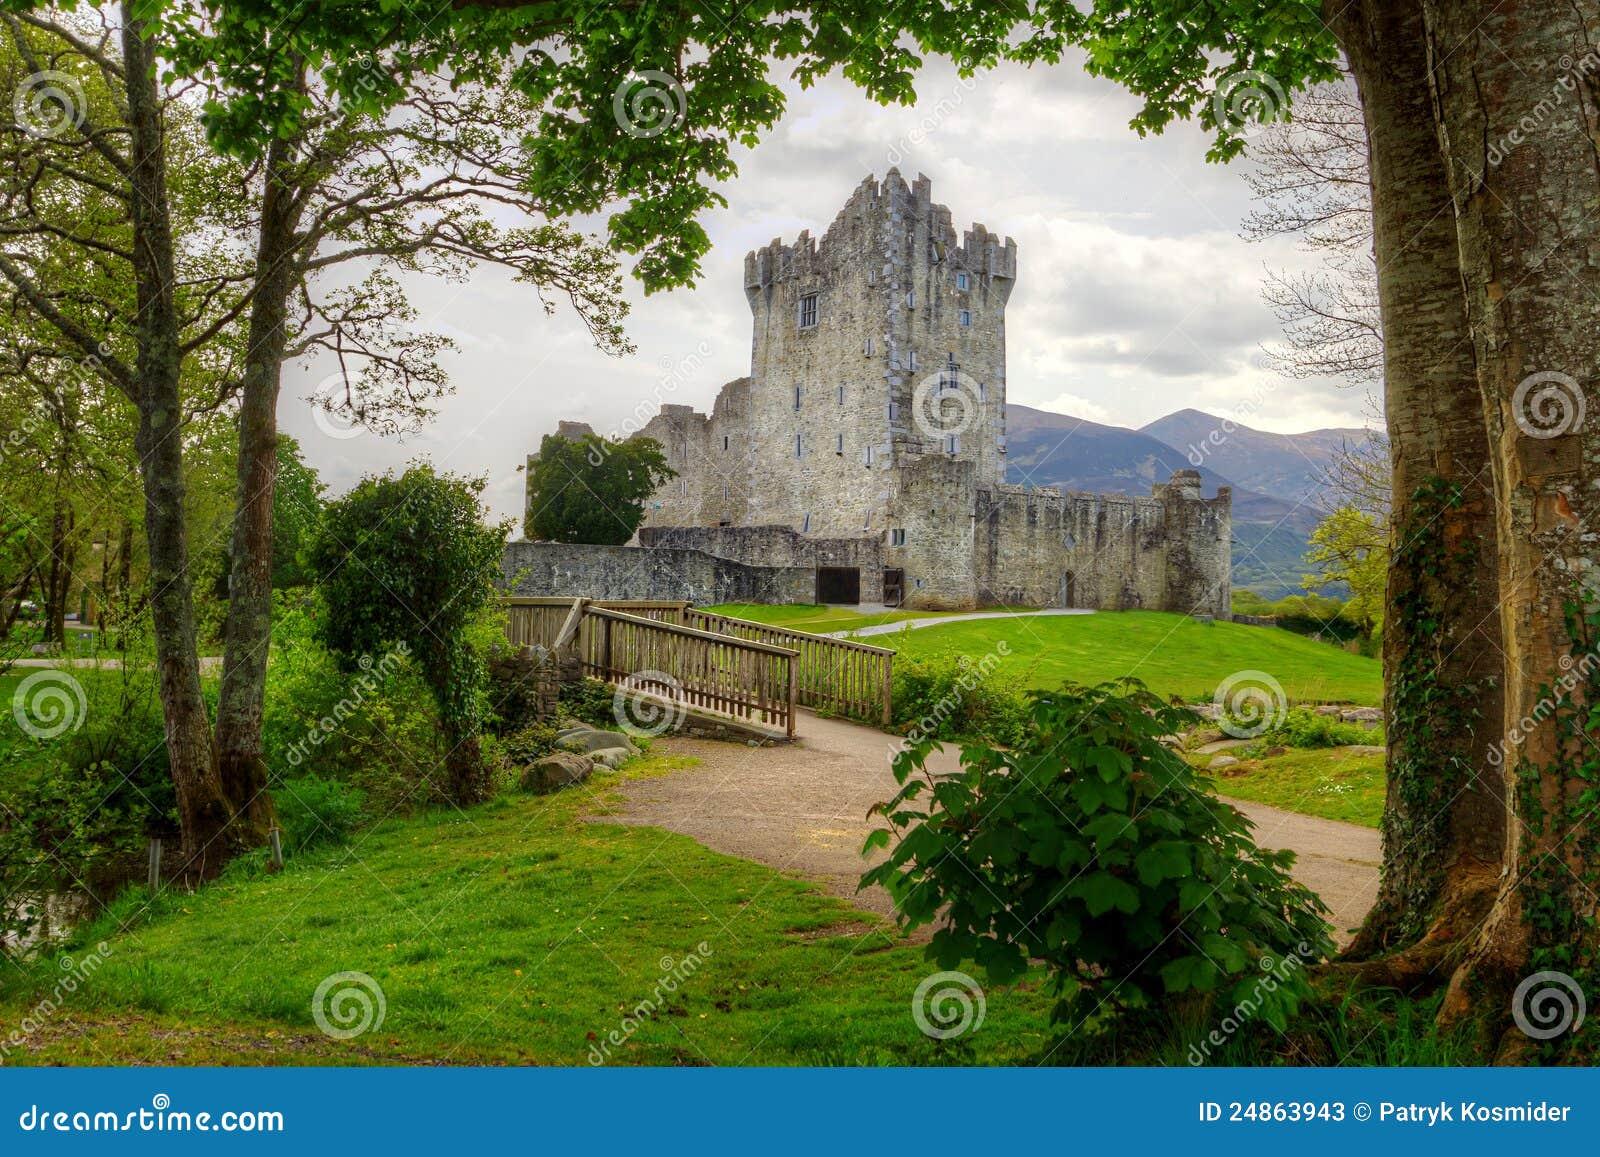 美丽的城堡爱尔兰罗斯